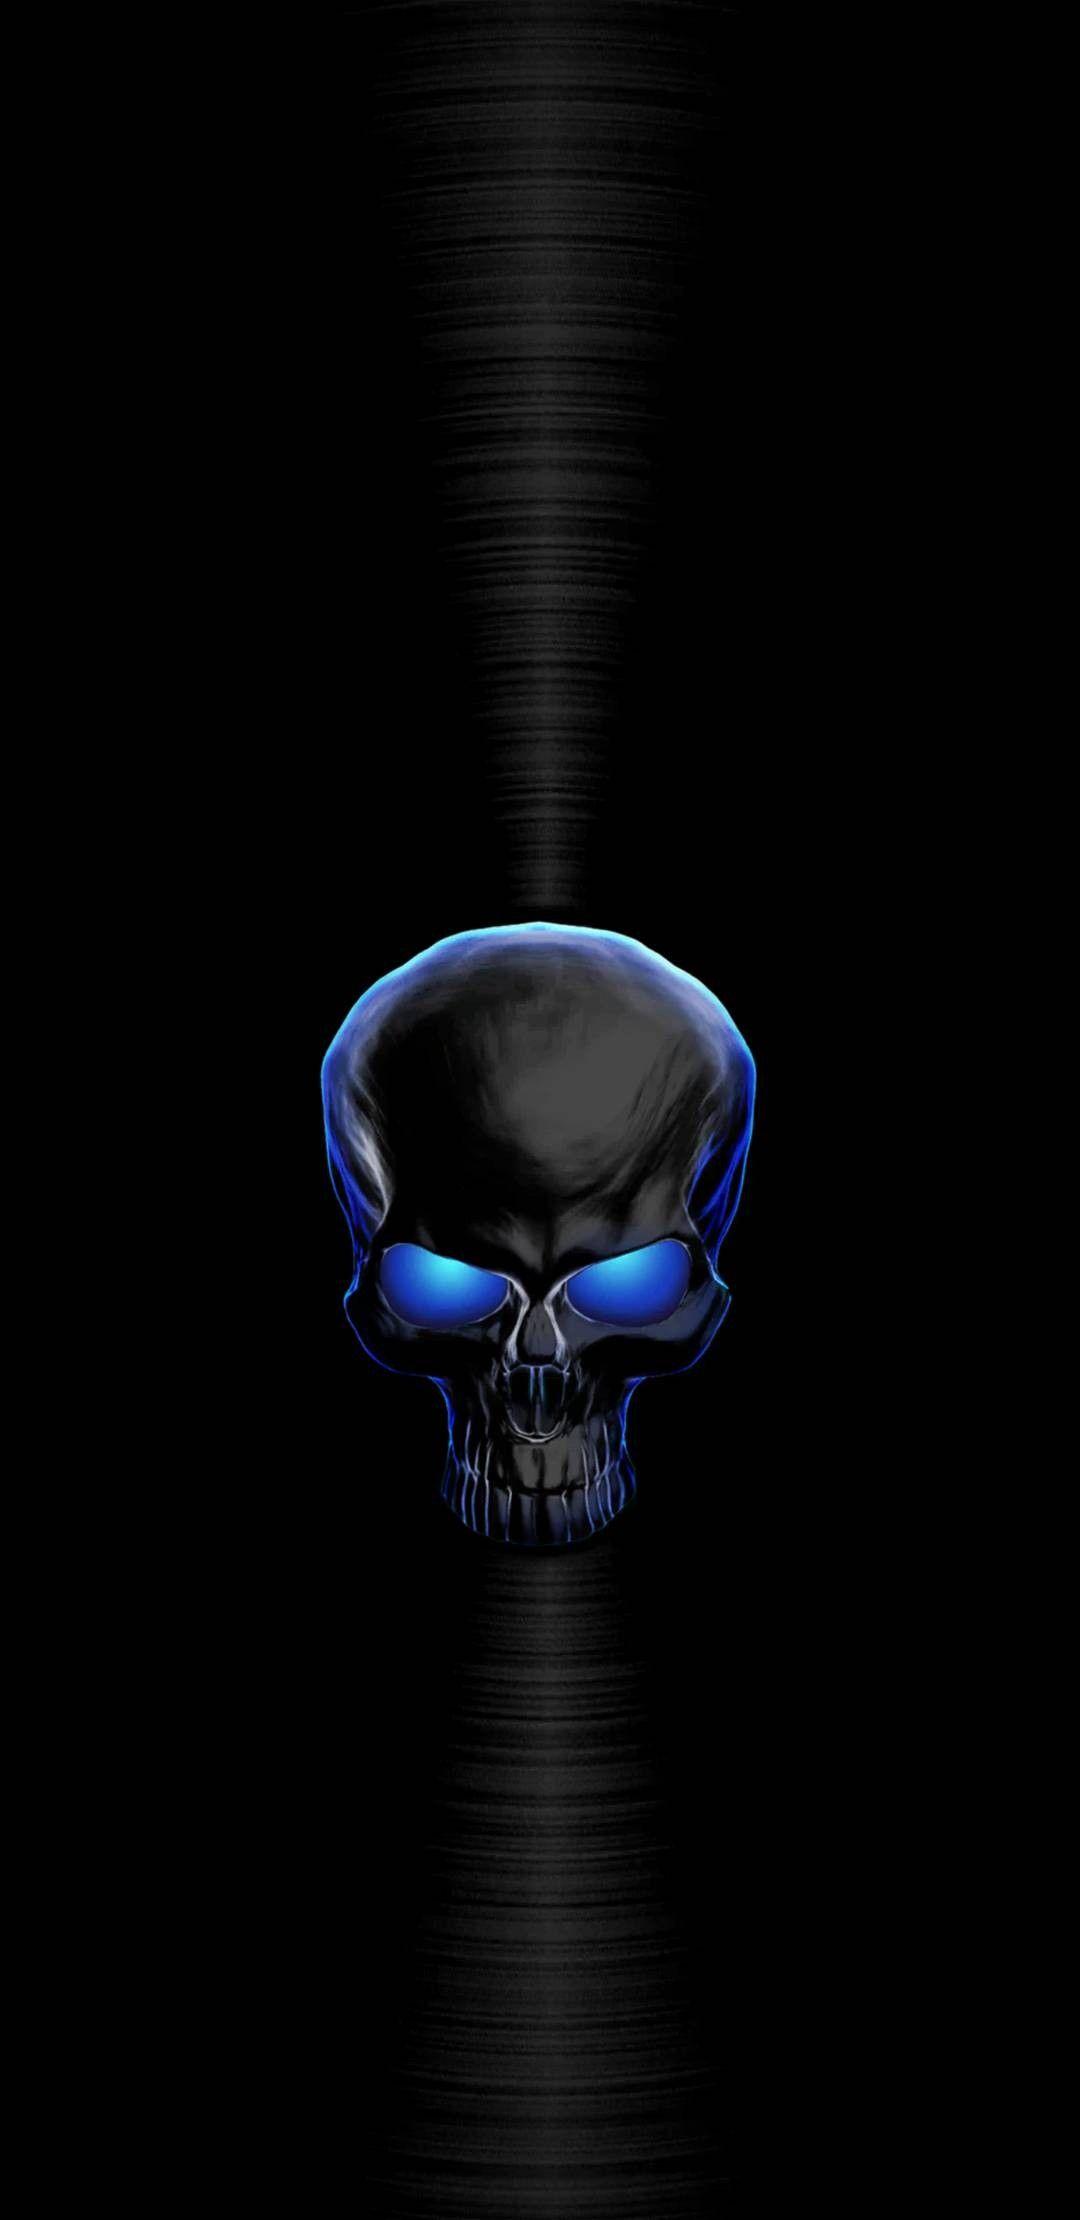 Pin By Stacy Rojas On Abstract Skull Wallpaper Skull Wallpaper Iphone Blue Skulls